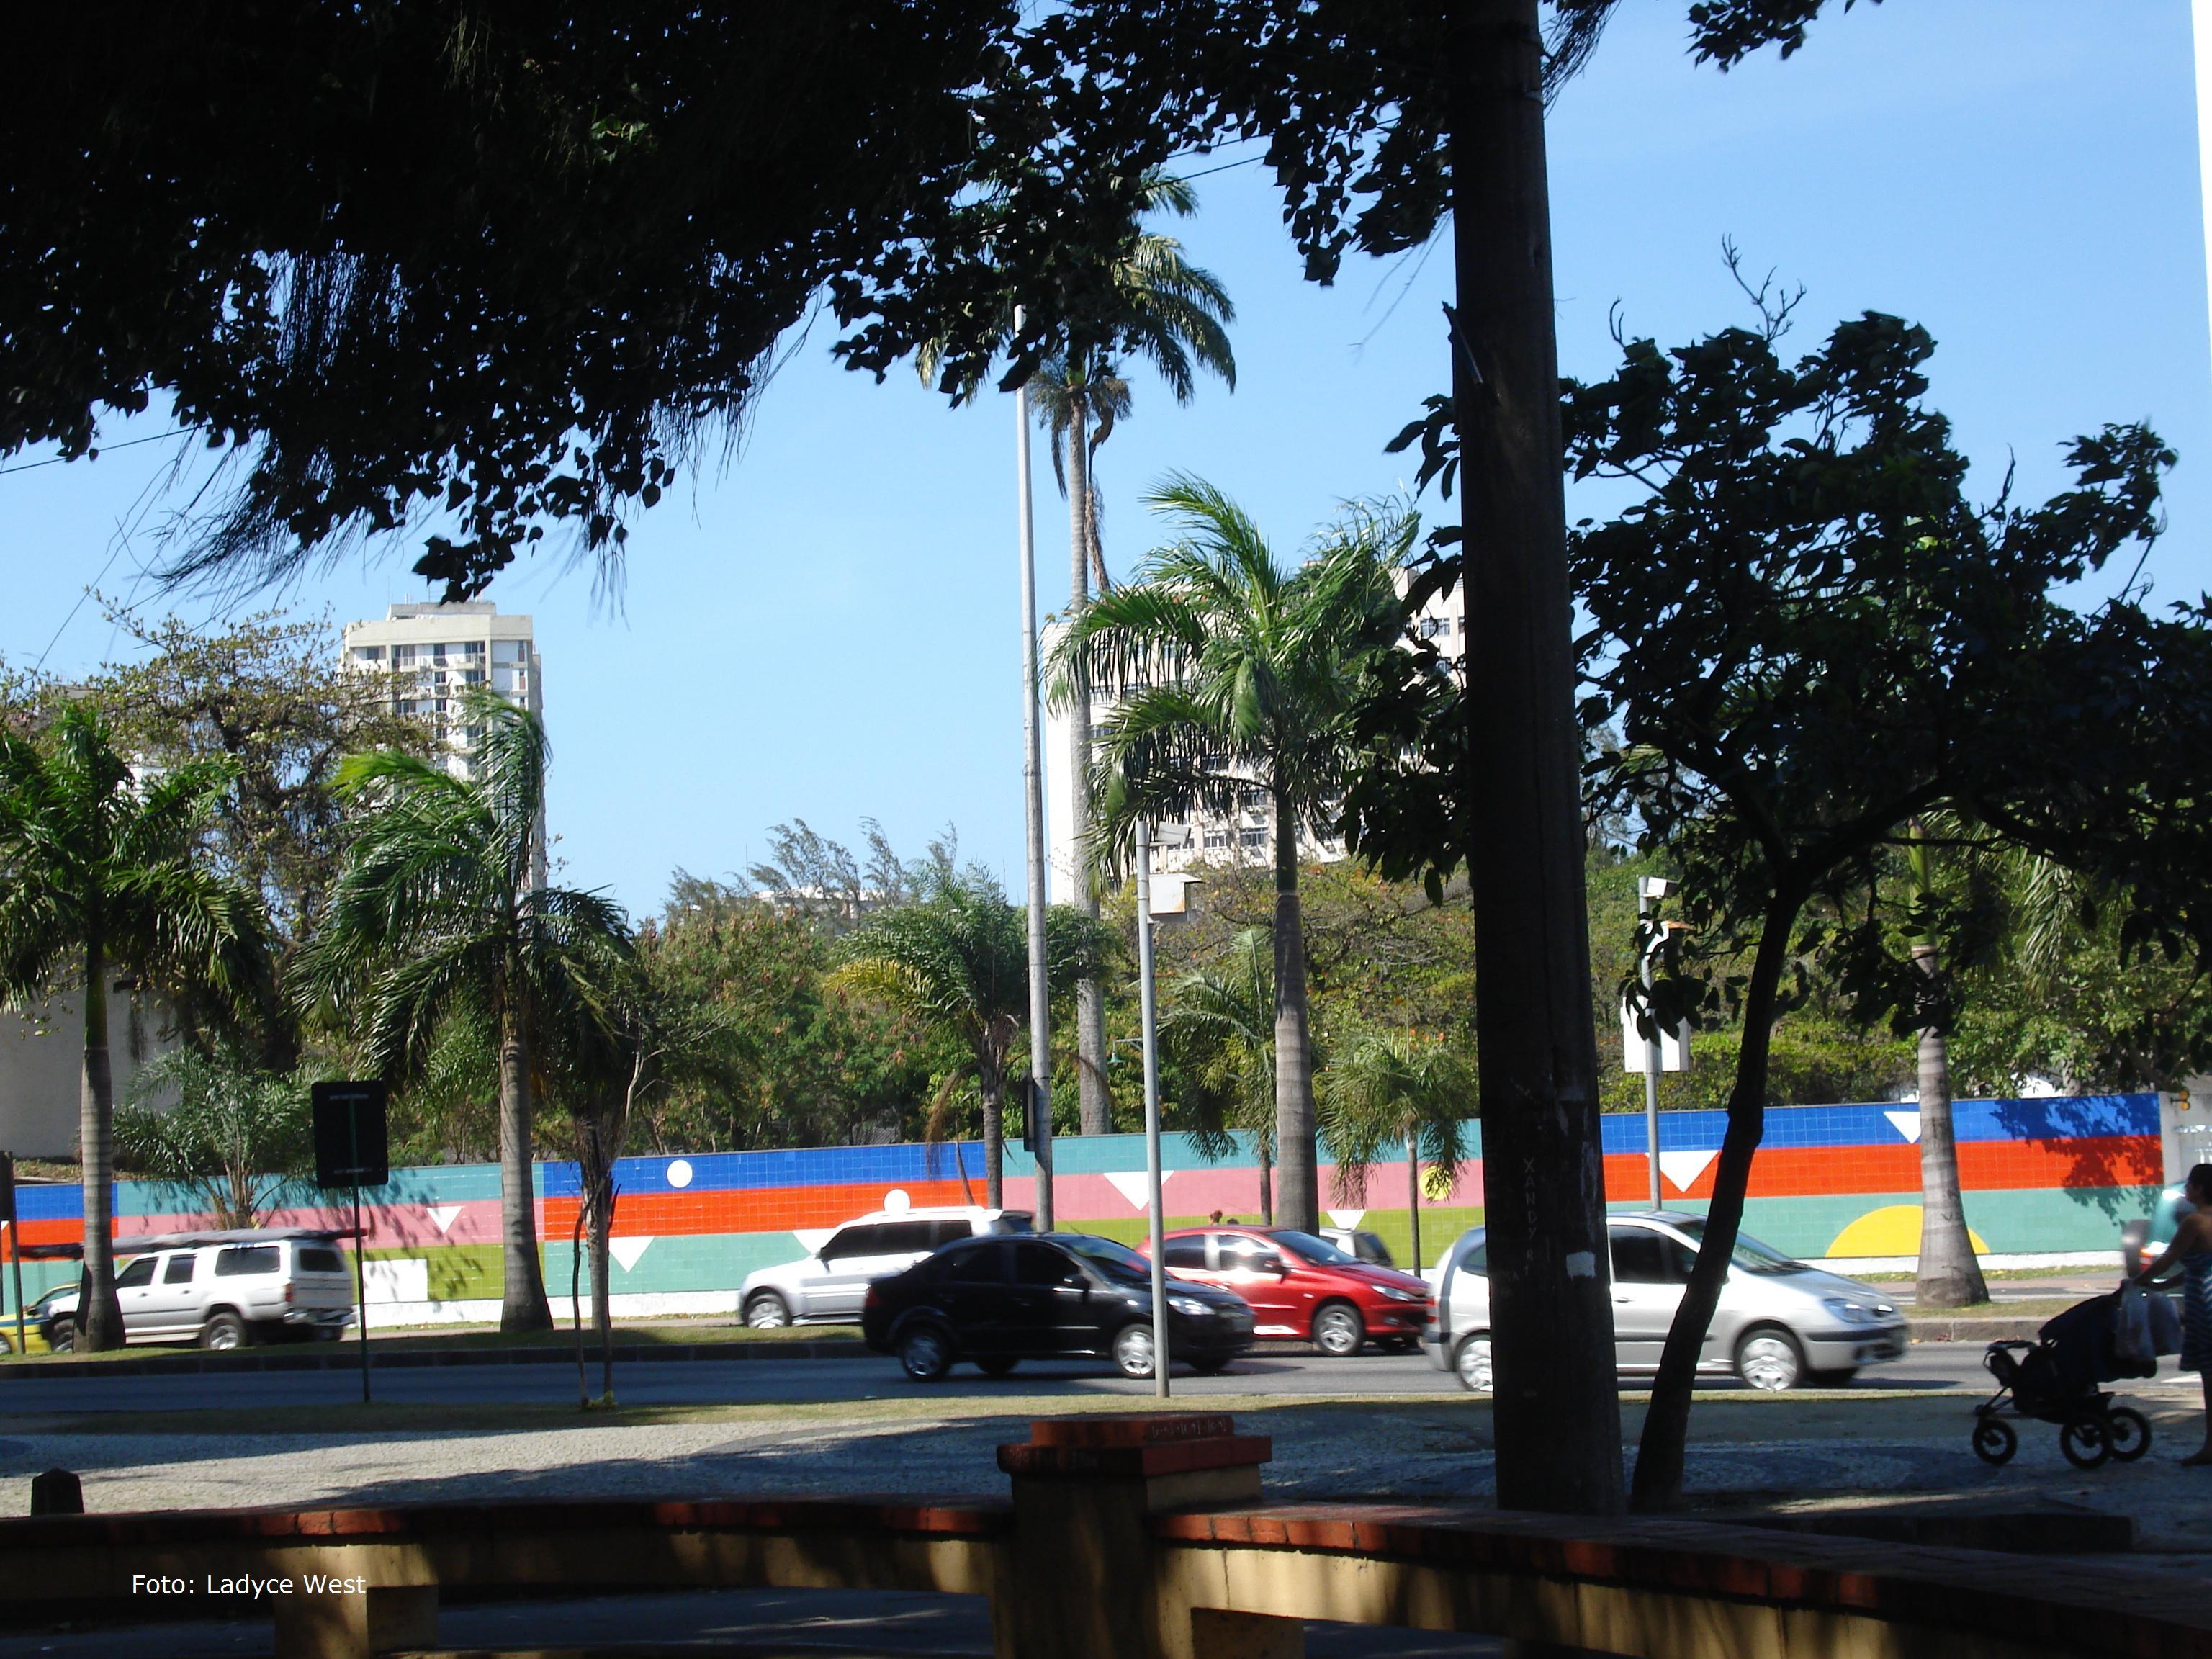 #176EB4 Painel de azulejos 1996 [ vista da Avenida Visconde de Albuquerque] 278 Janelas De Vidro Rio De Janeiro